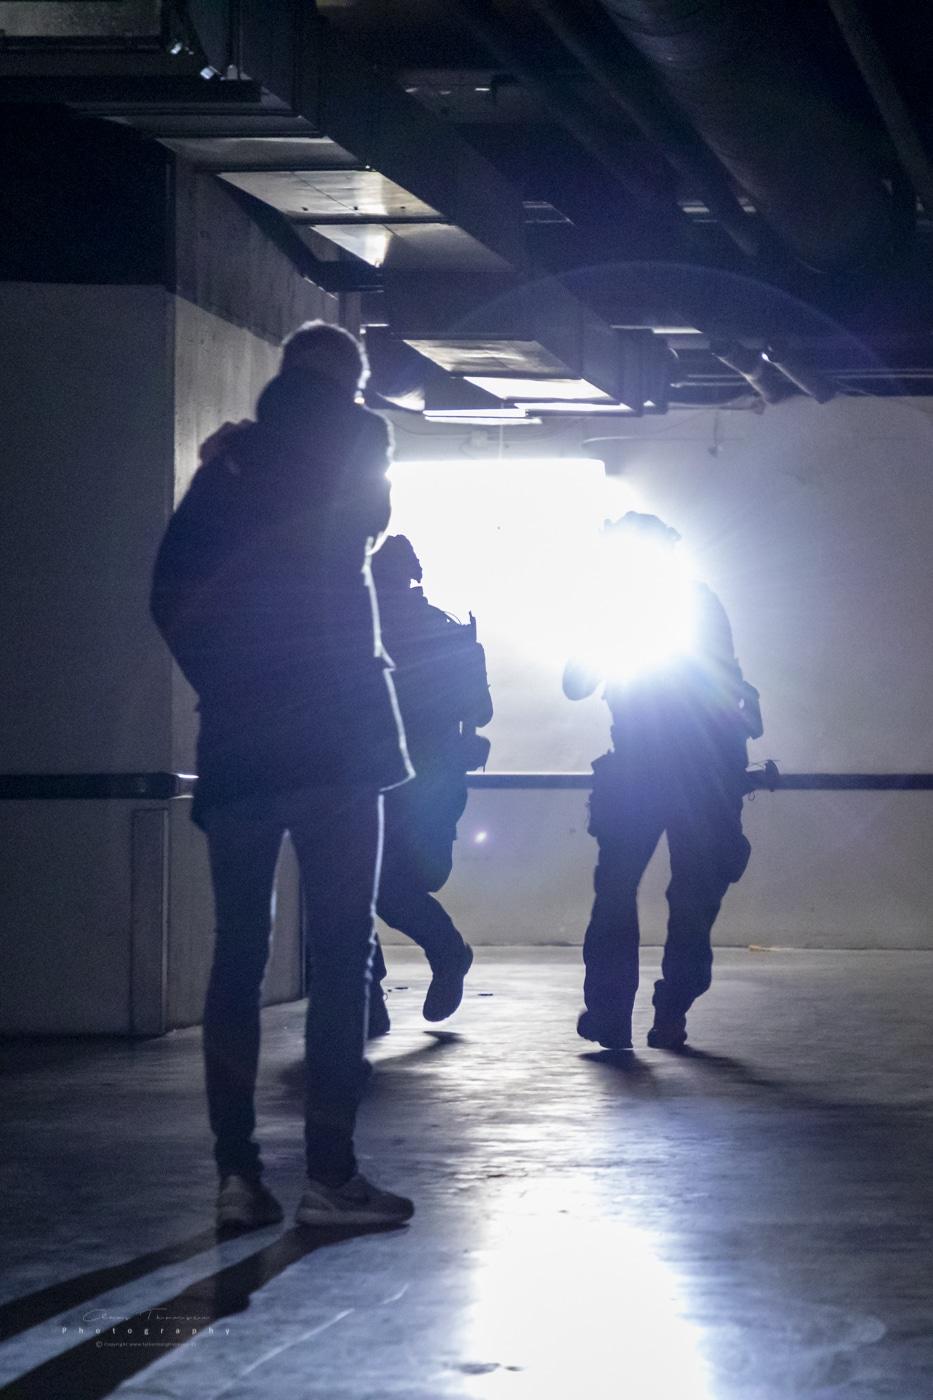 Aktionsstyrken (AKS) møder et gidsel, som søger hjælp, mens de sikrer området.